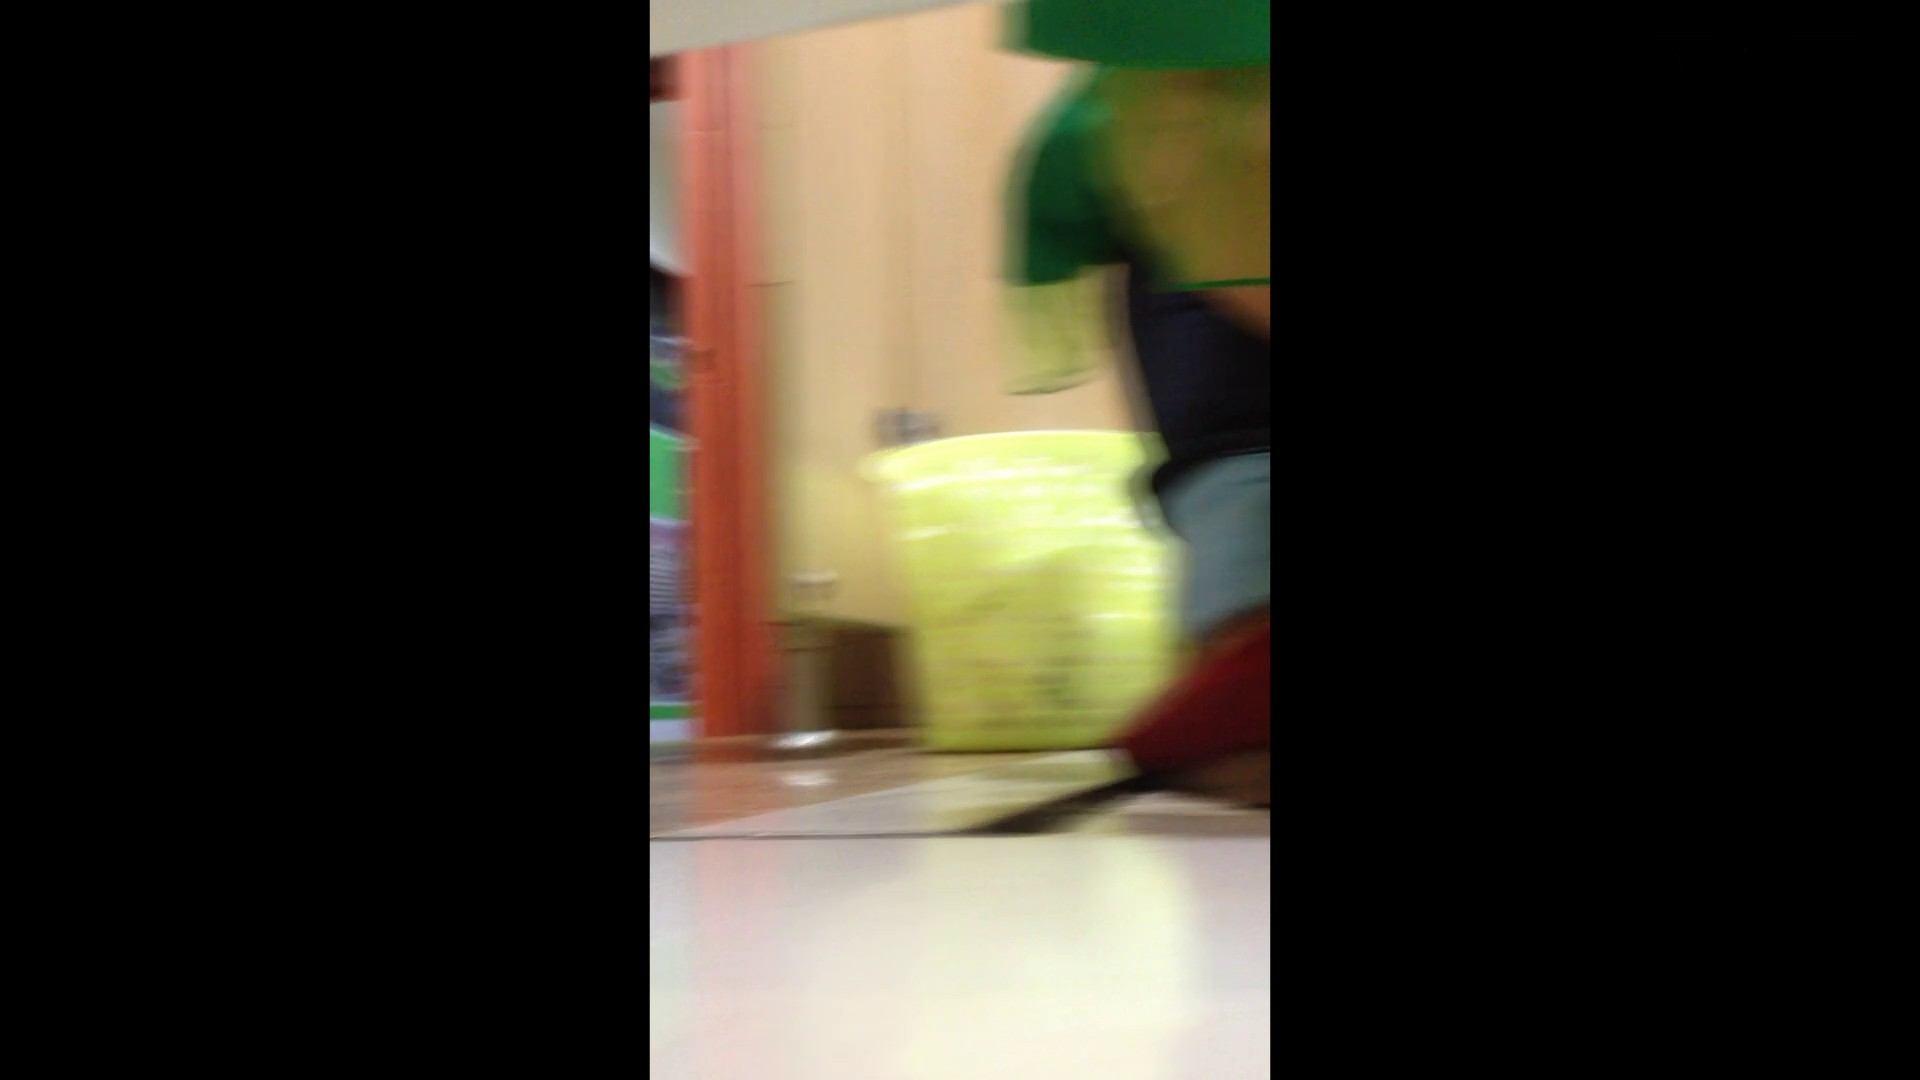 芸術大学ガチ潜入盗撮 JD盗撮 美女の洗面所の秘密 Vol.87 潜入   トイレ盗撮  61pic 61